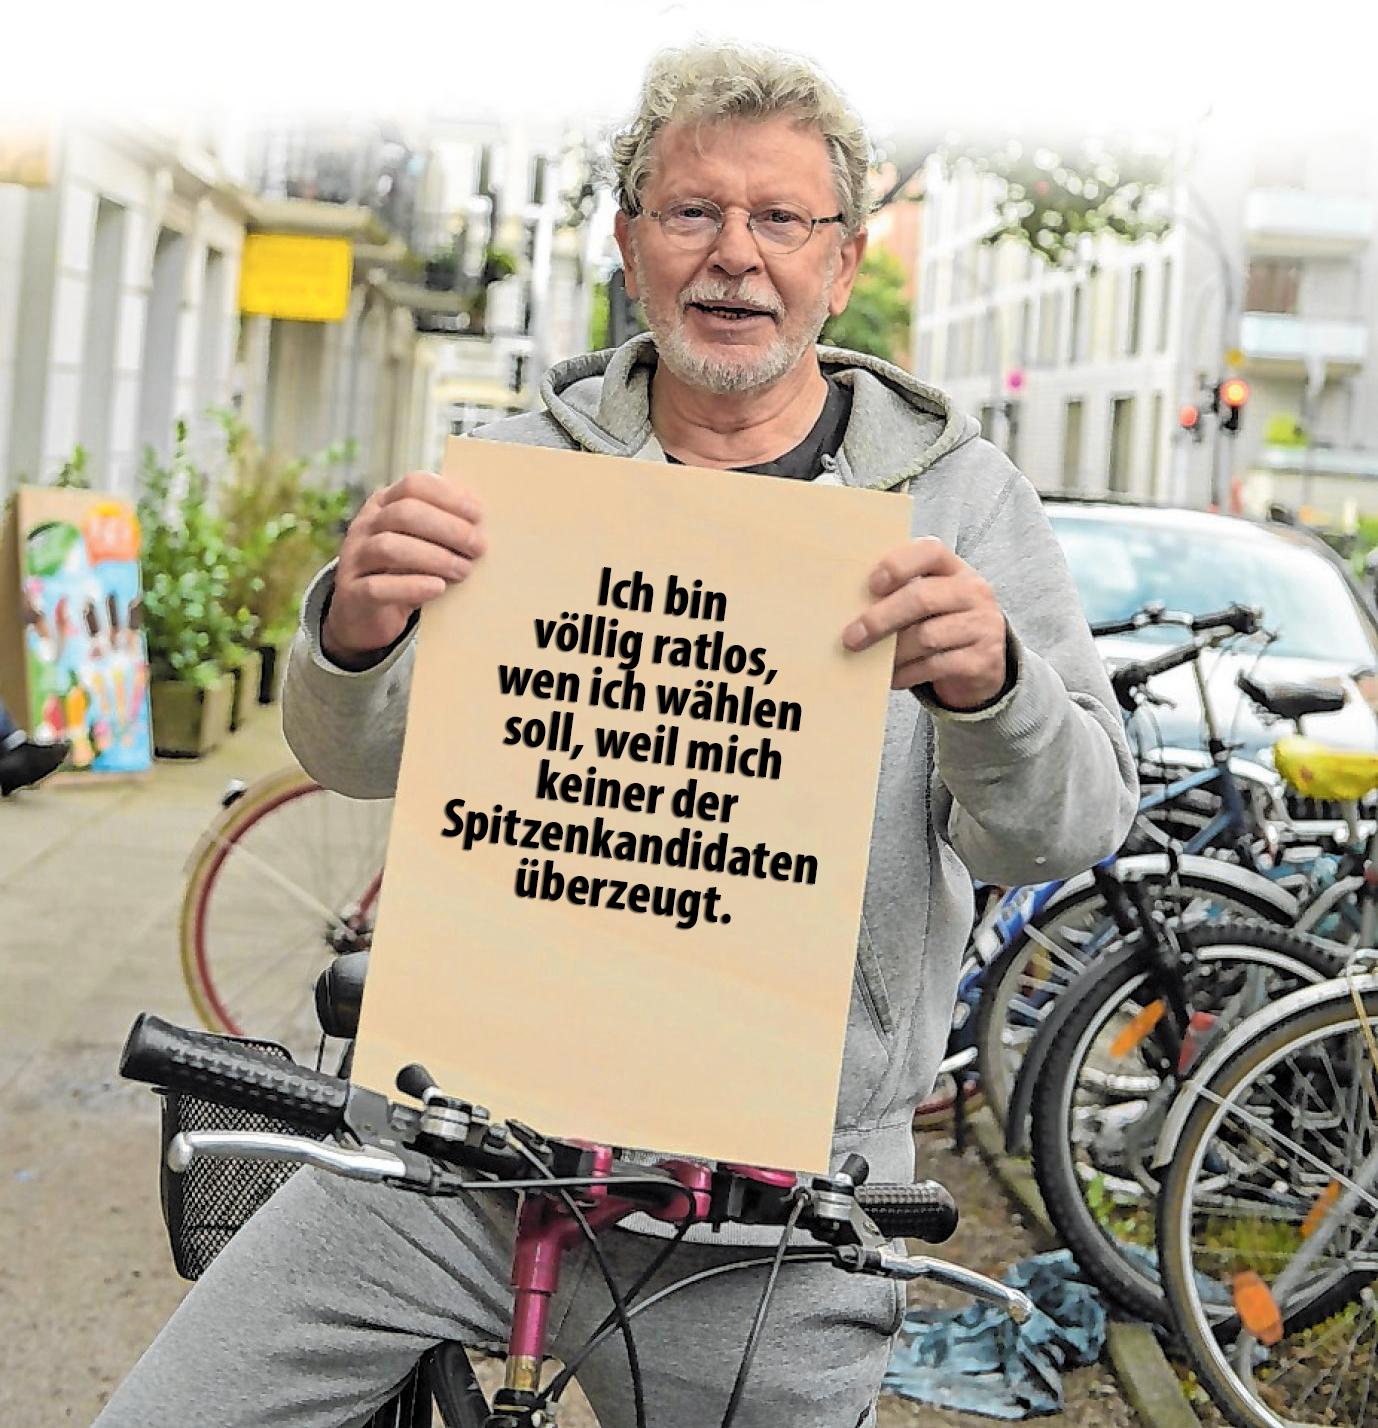 Der 75-jährige Helmut Schott von der Uhlenhorst fährt gerne Fahrrad.